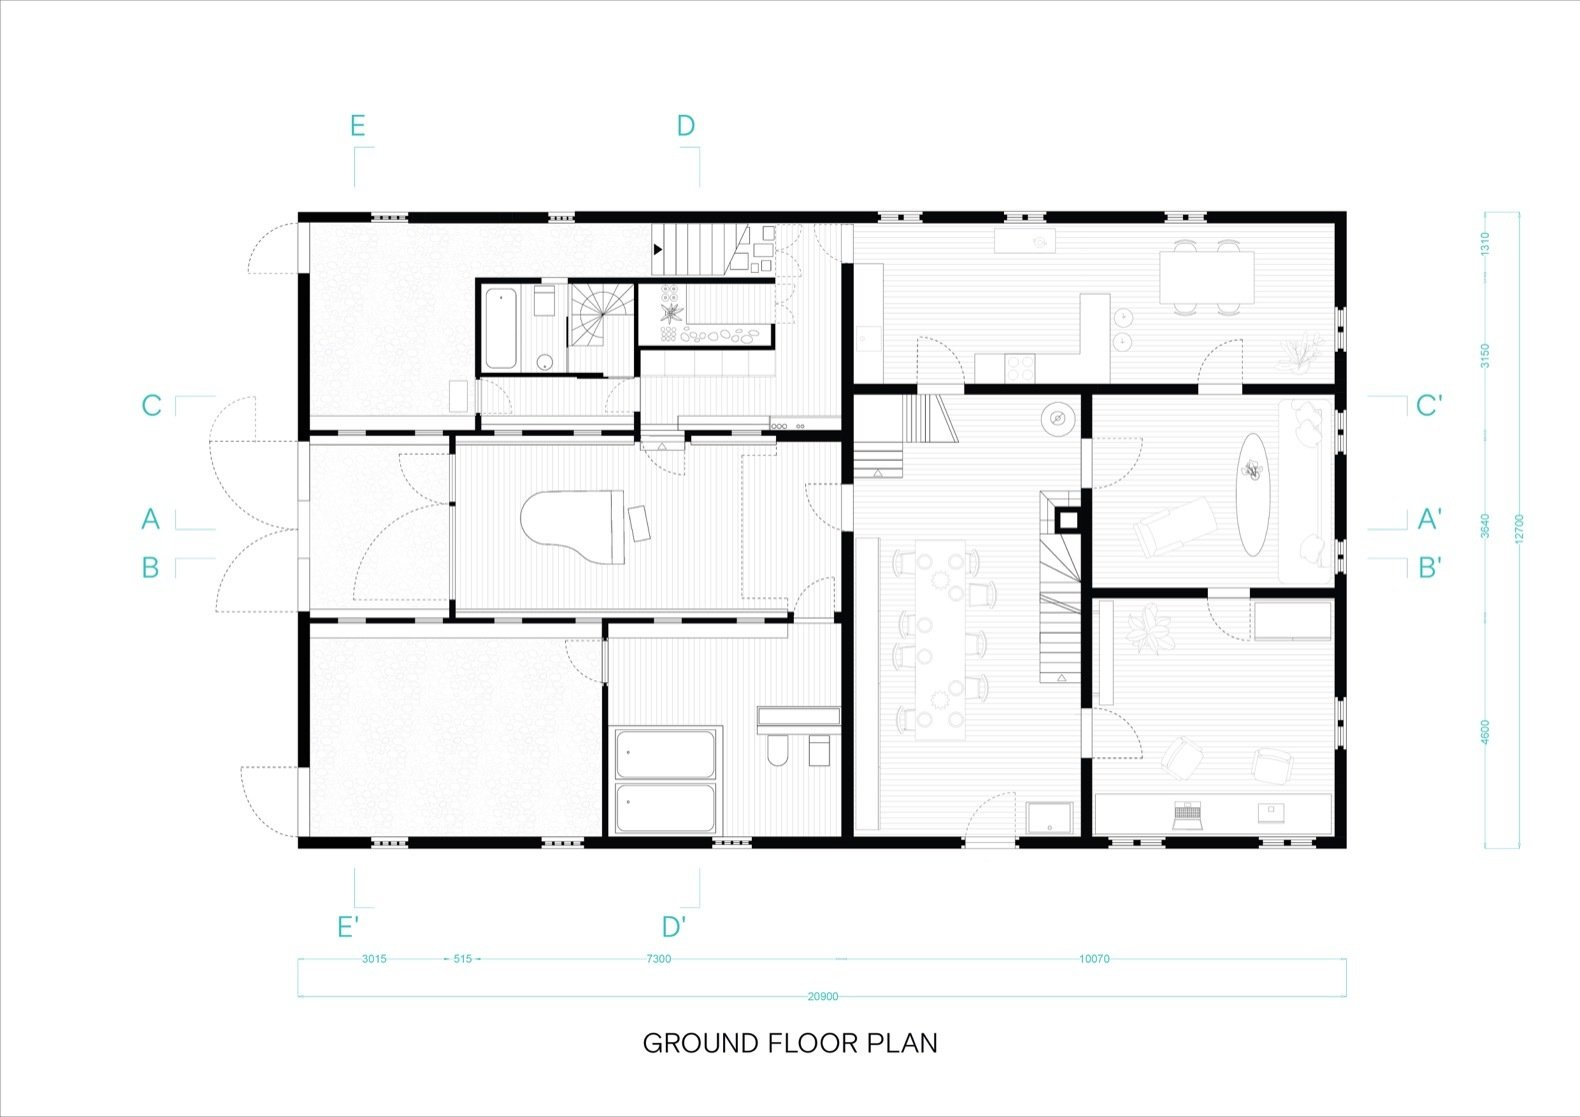 Dortmannhof ground-floor plan